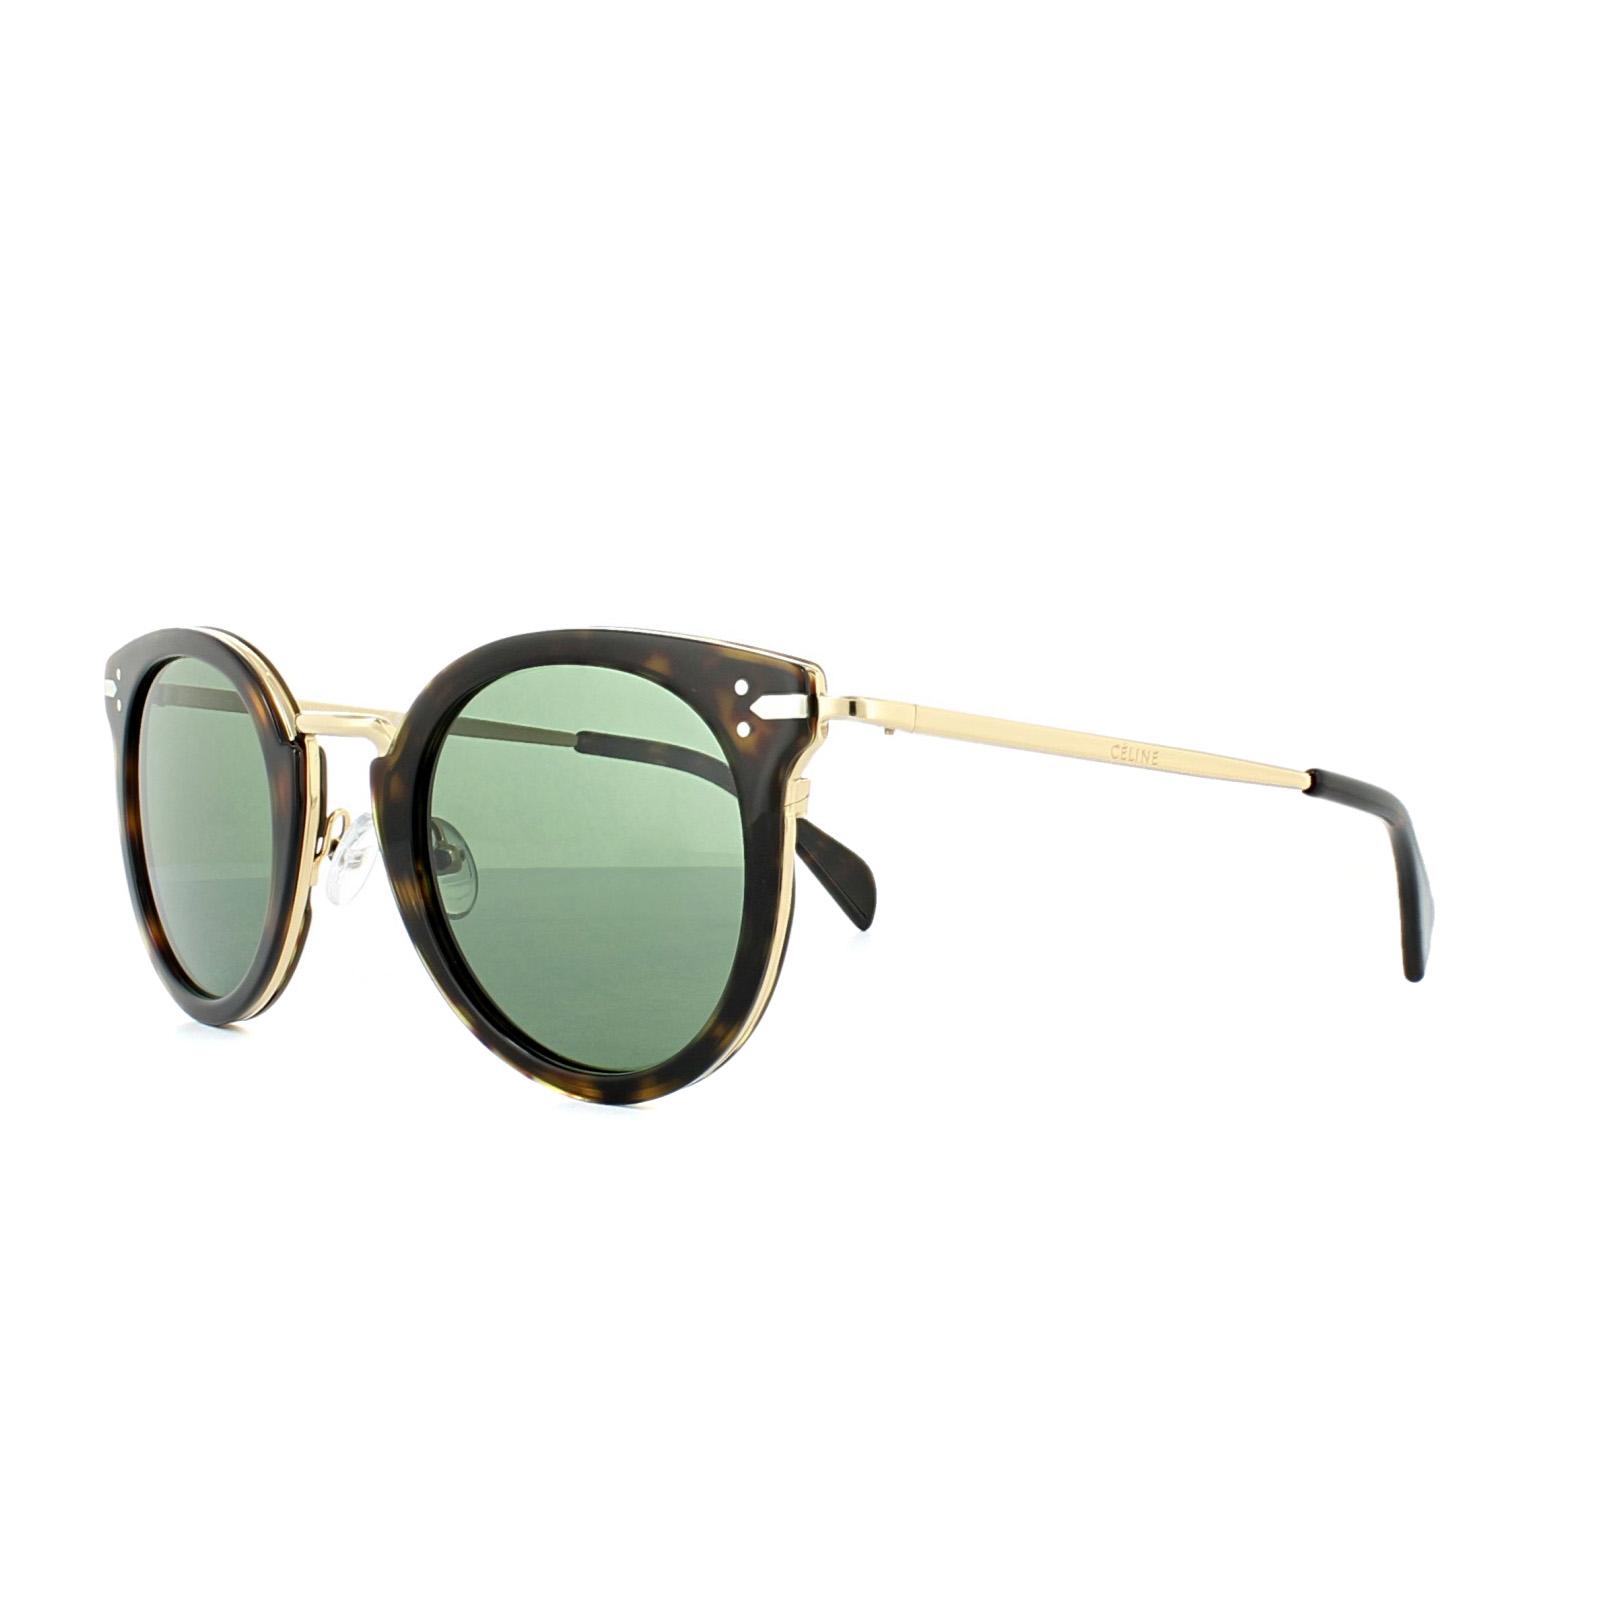 5a3ef614a49e1 Cheap Celine 41373 S Lea Sunglasses - Discounted Sunglasses